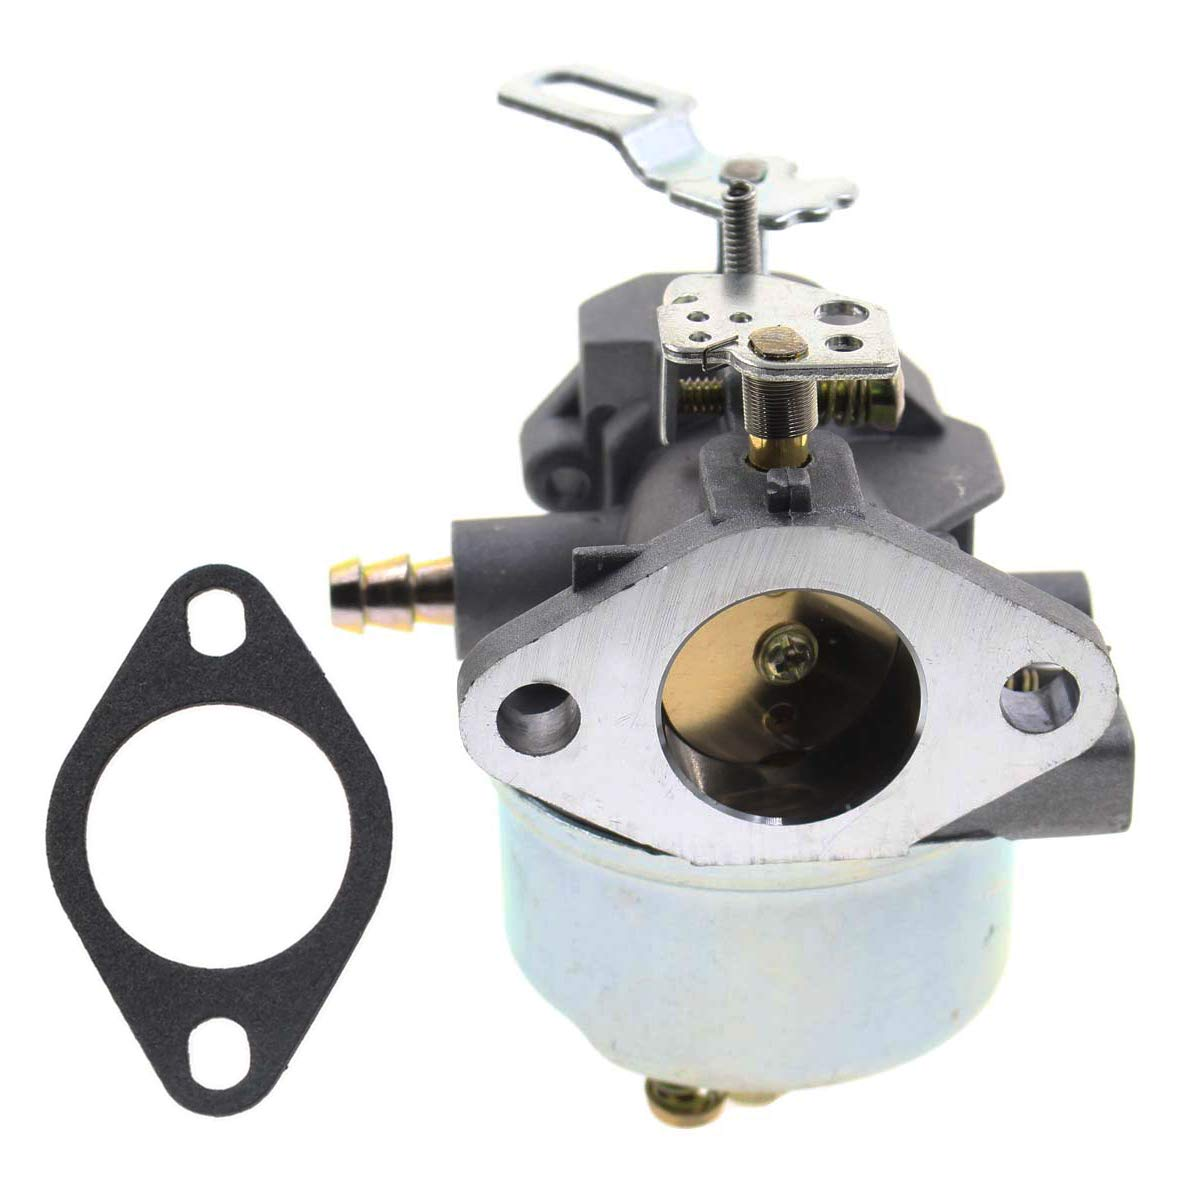 MOTOALL Adjustable Carburetor for Tecumseh 640349 640052 640054 632536 640105 OHSK110 OHSK120 OHSK125 Toro 38035 38052 38054 38052C 38035C 38056C Snow Blower Thrower John Deere 26D 832 520 824XL 826D